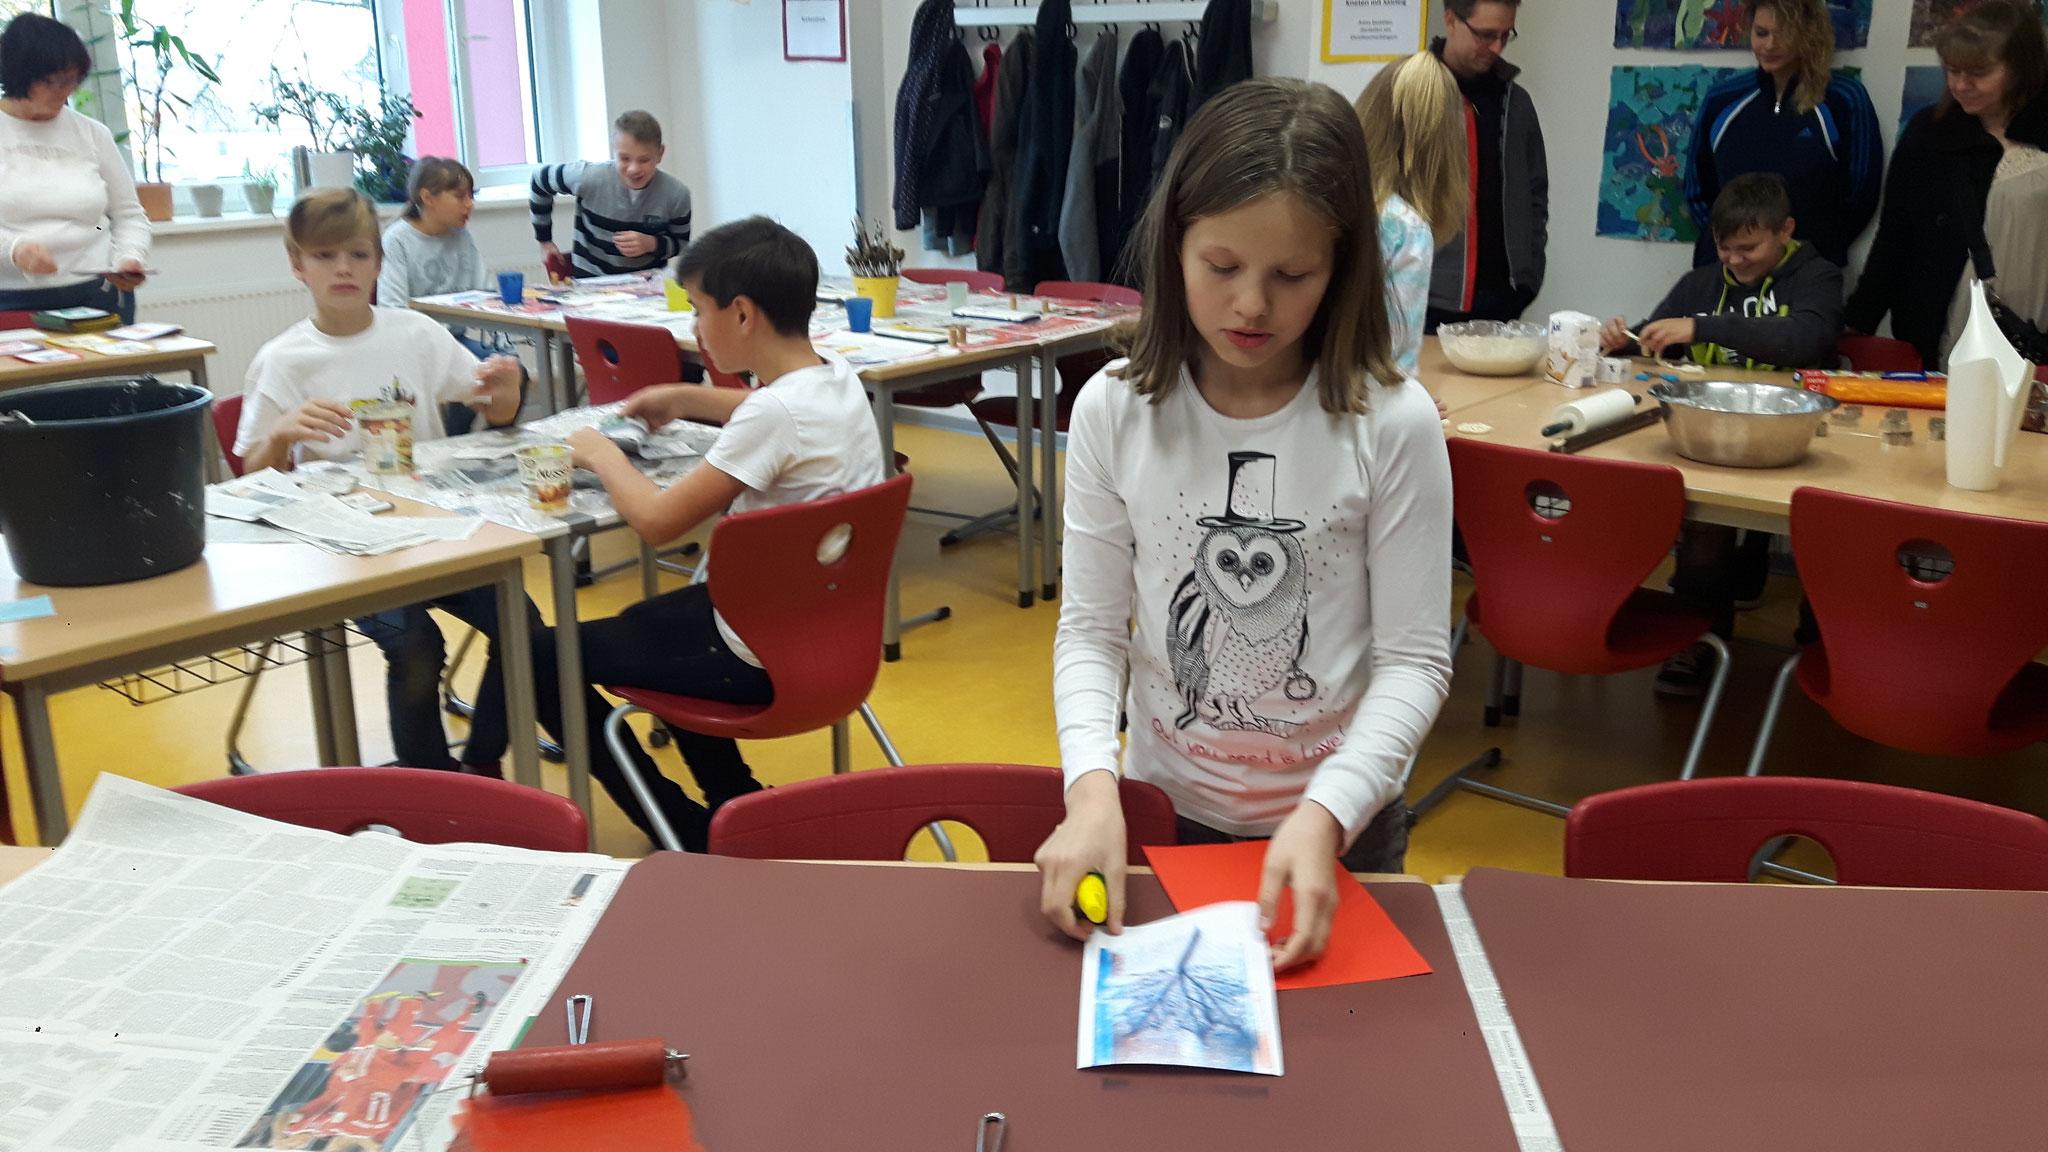 Kunstunterricht an 5 Stationen und aus Schülerhand weckte Interesse bei allen Beteiligten.